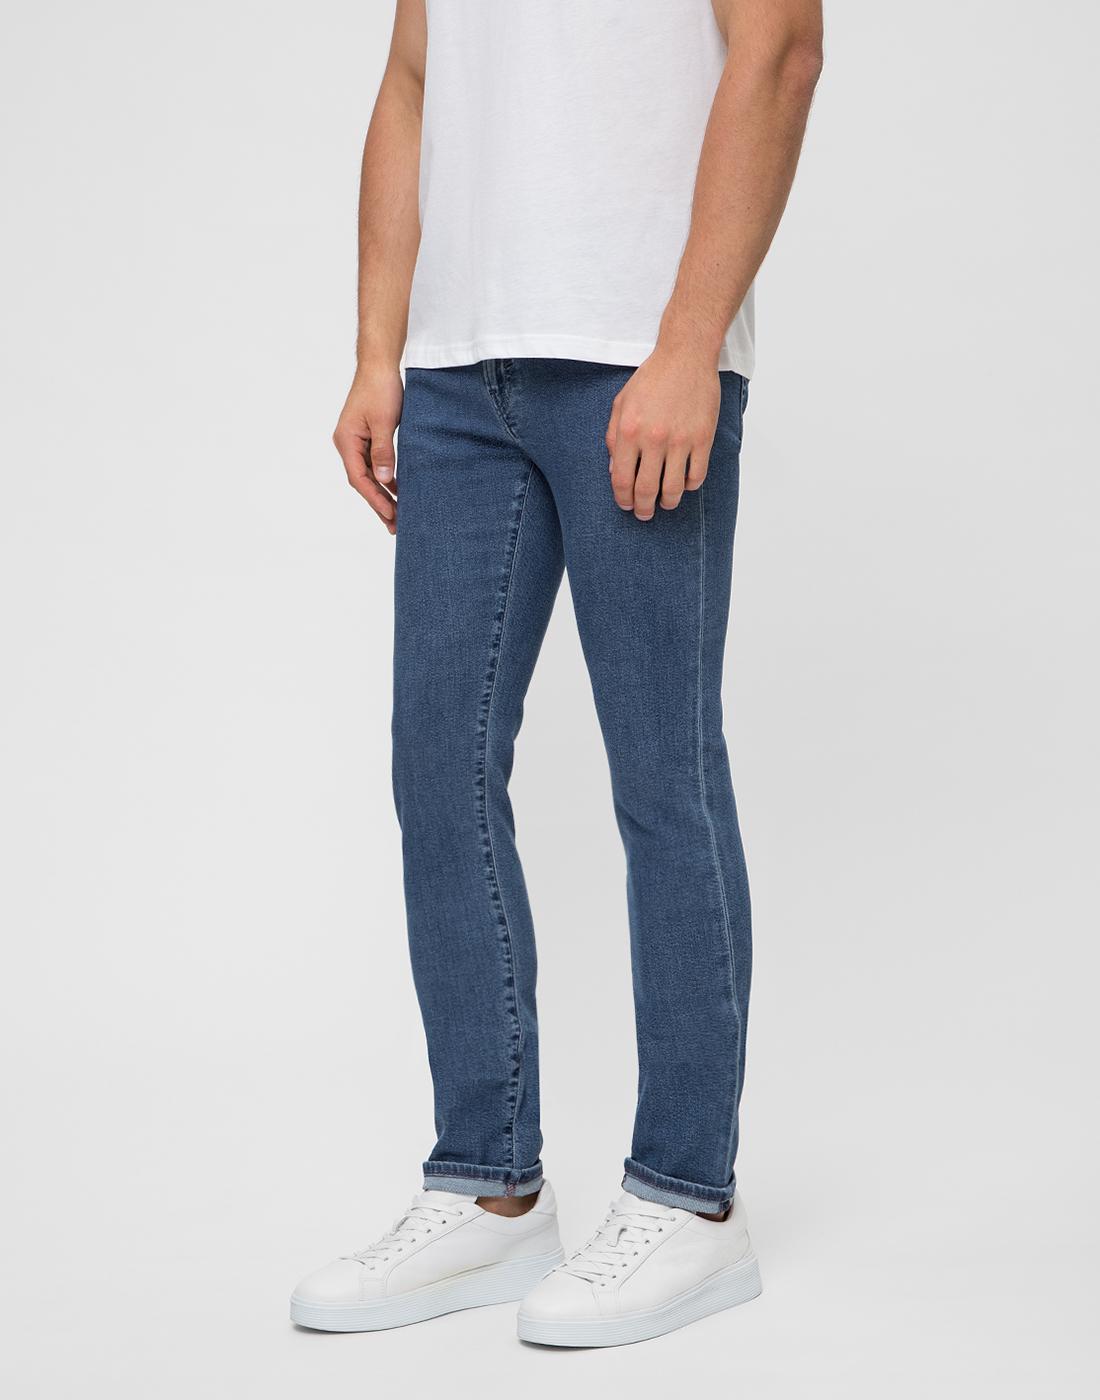 Мужские синие джинсы SOUL PT SOA11 MC35-3